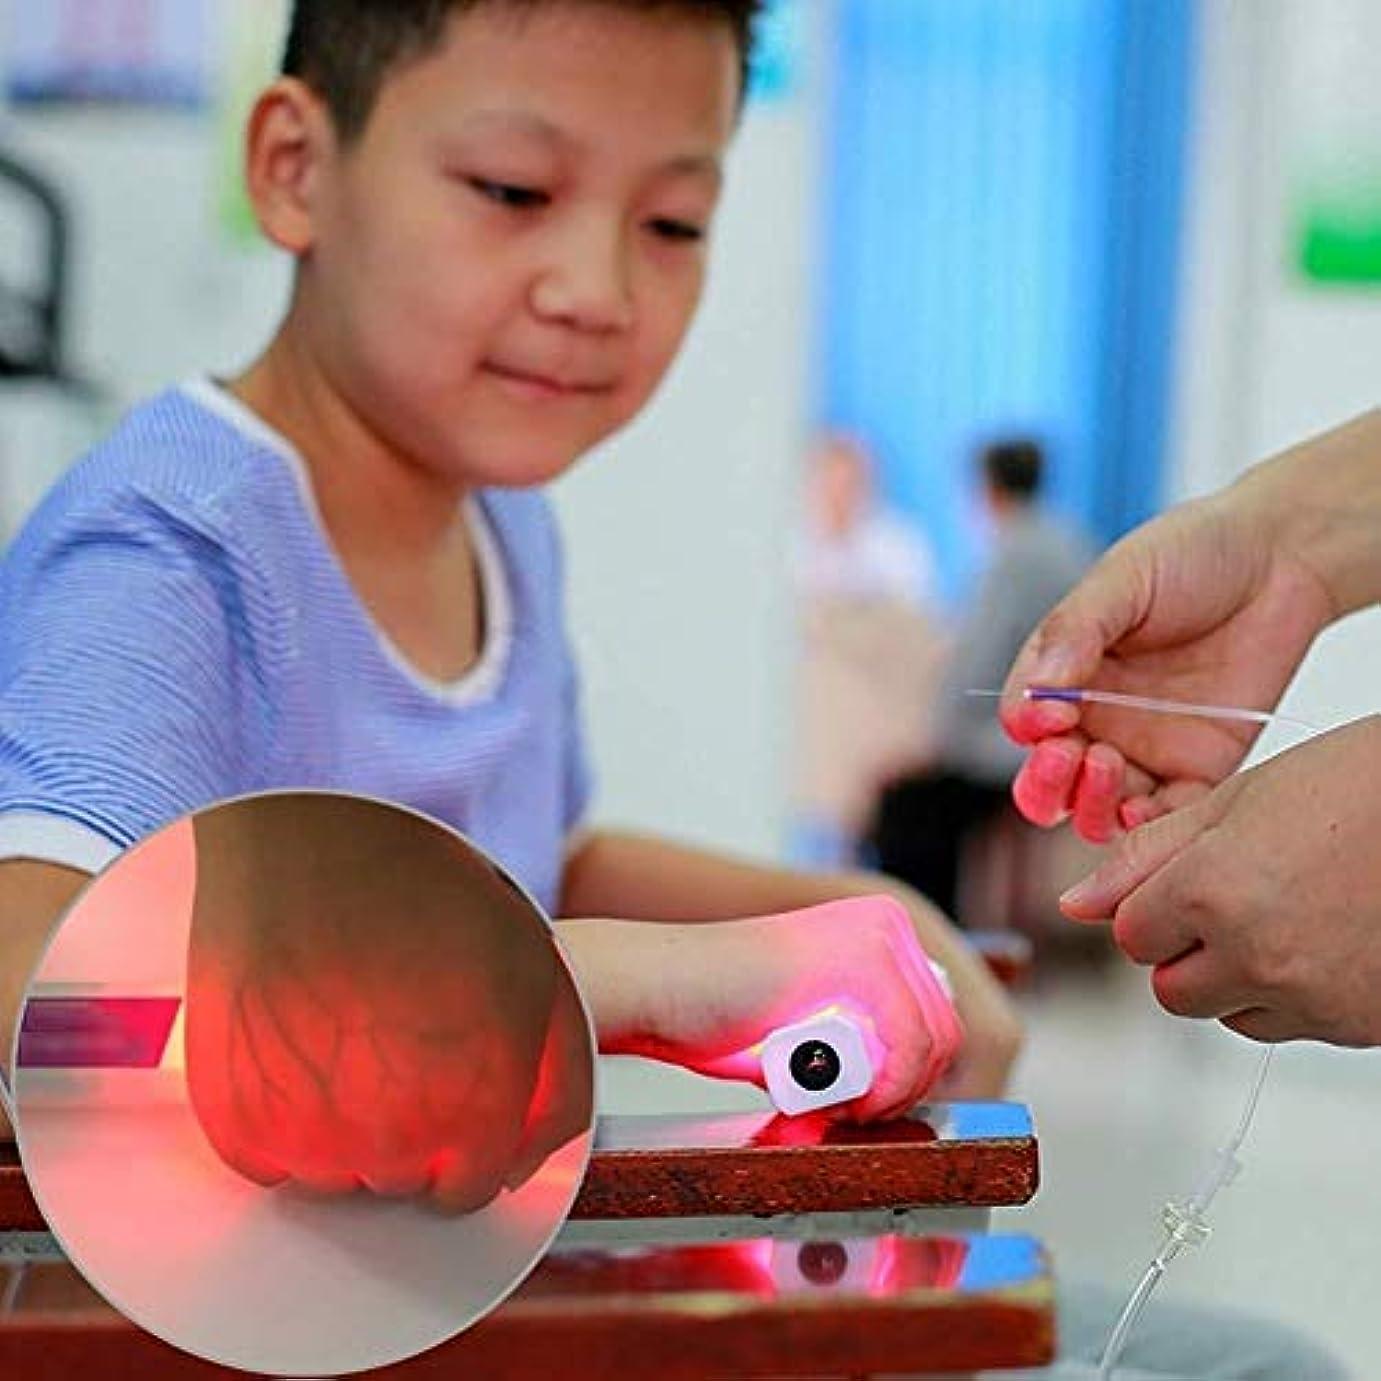 ガス踏みつけ馬鹿赤外線静脈ファインダービューアーポータブル医療赤外線静脈ロケーター照明可視光検出器看護師医師の血液採取